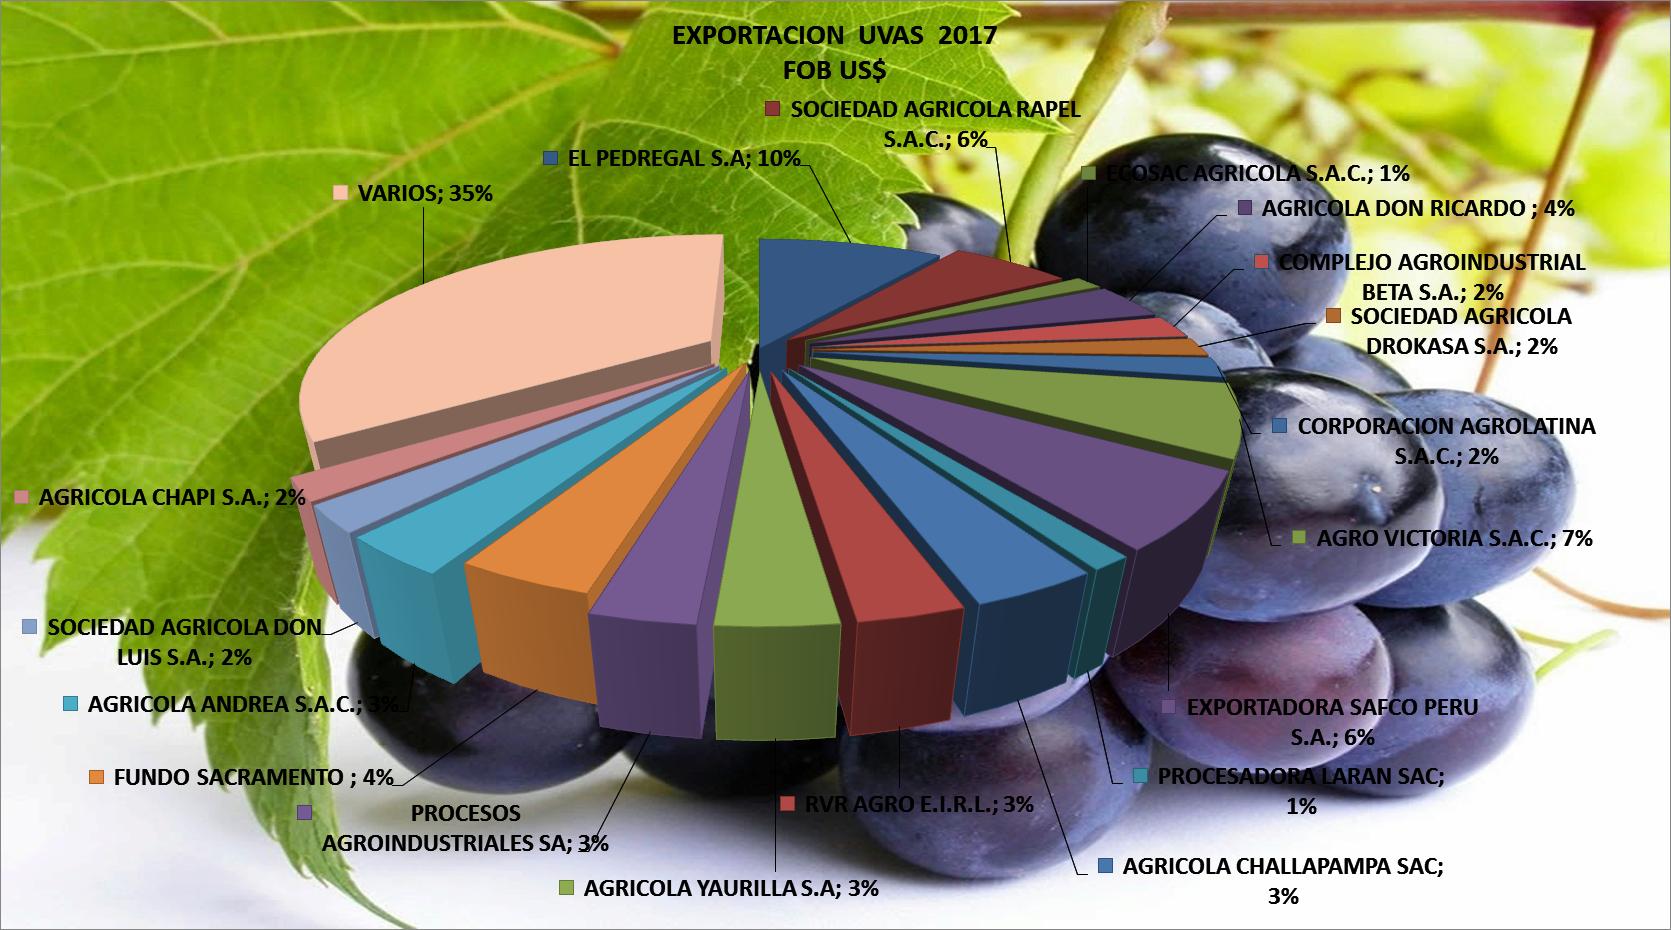 Uvas Perú Exportación 2017 Abril